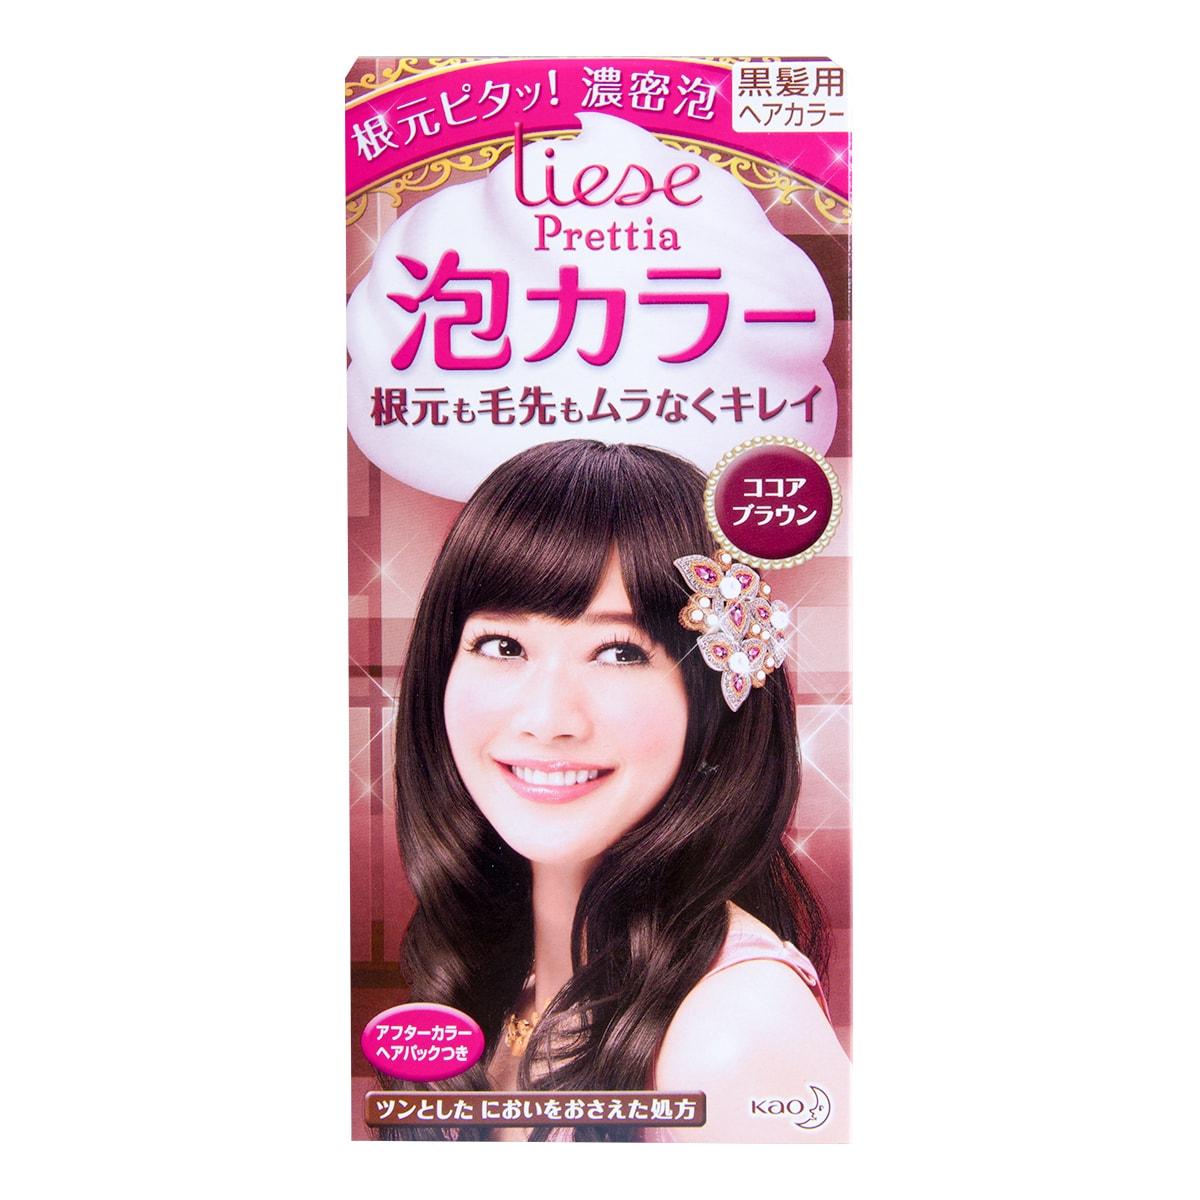 日本KAO花王 LIESE PRETTIA 泡沫染发剂 #Cocoa Brown巧克力棕色 1組入 COSME大赏第一位